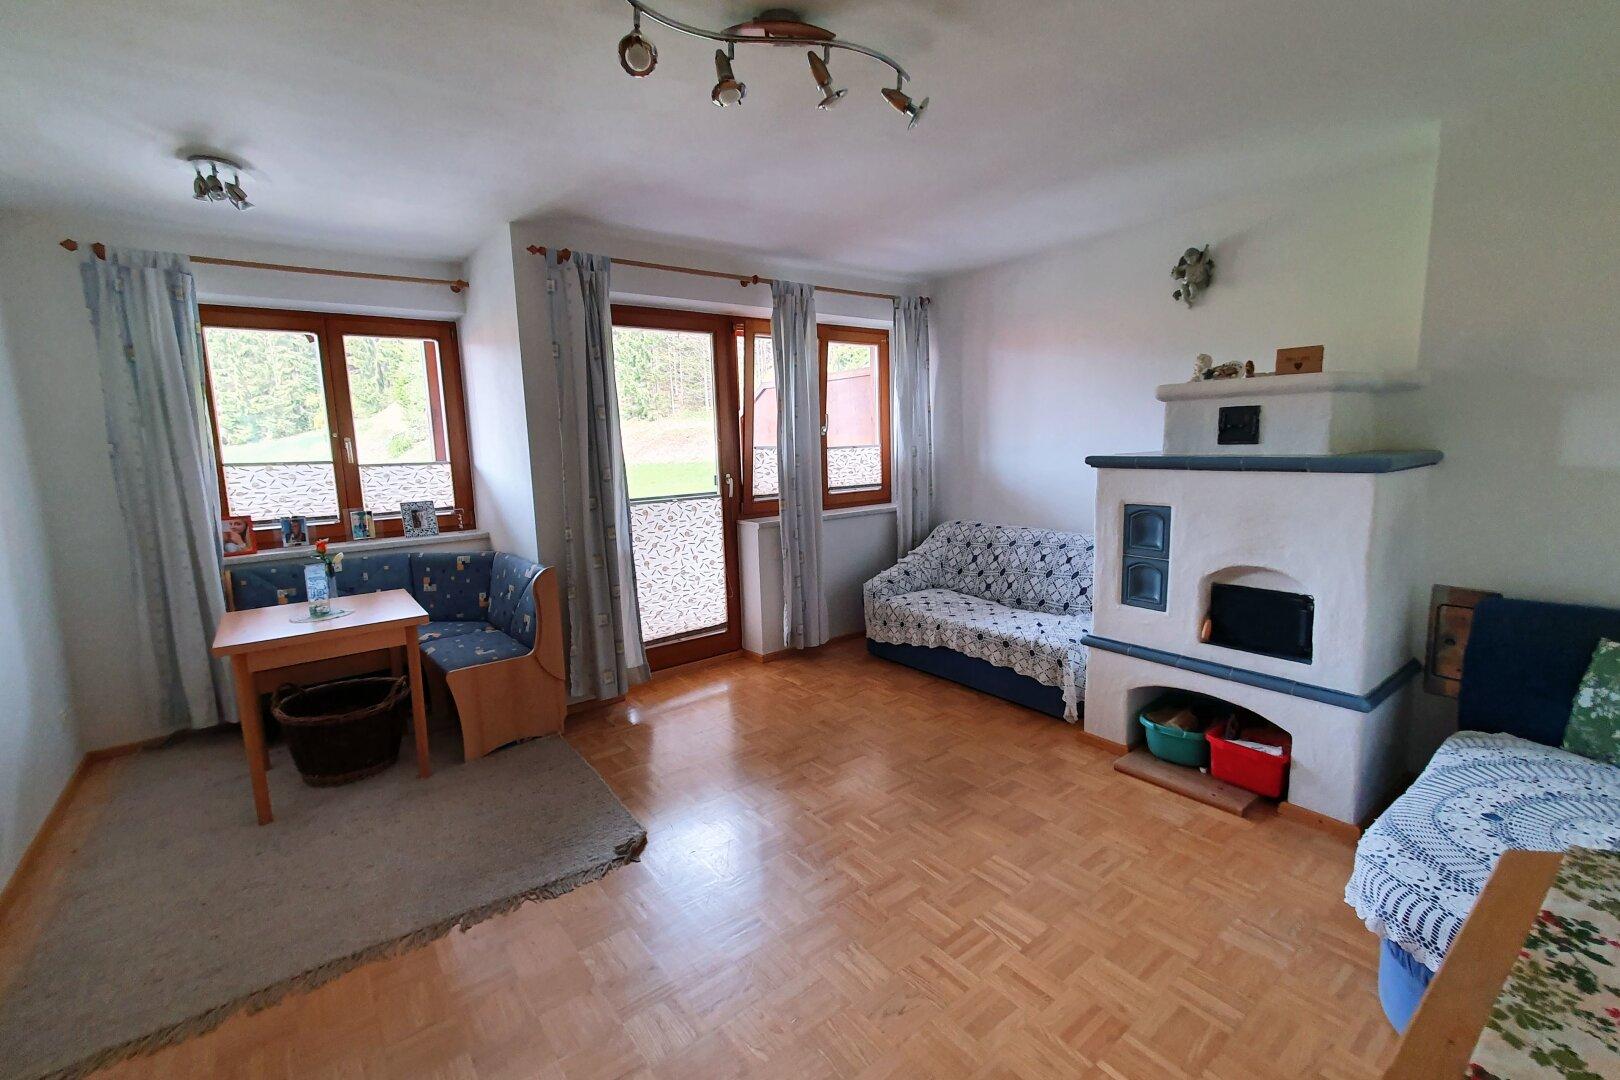 Wohnzimmer Ansicht 1, 4-Zimmer-Wohnung, Scheffau am Wilden Kaiser